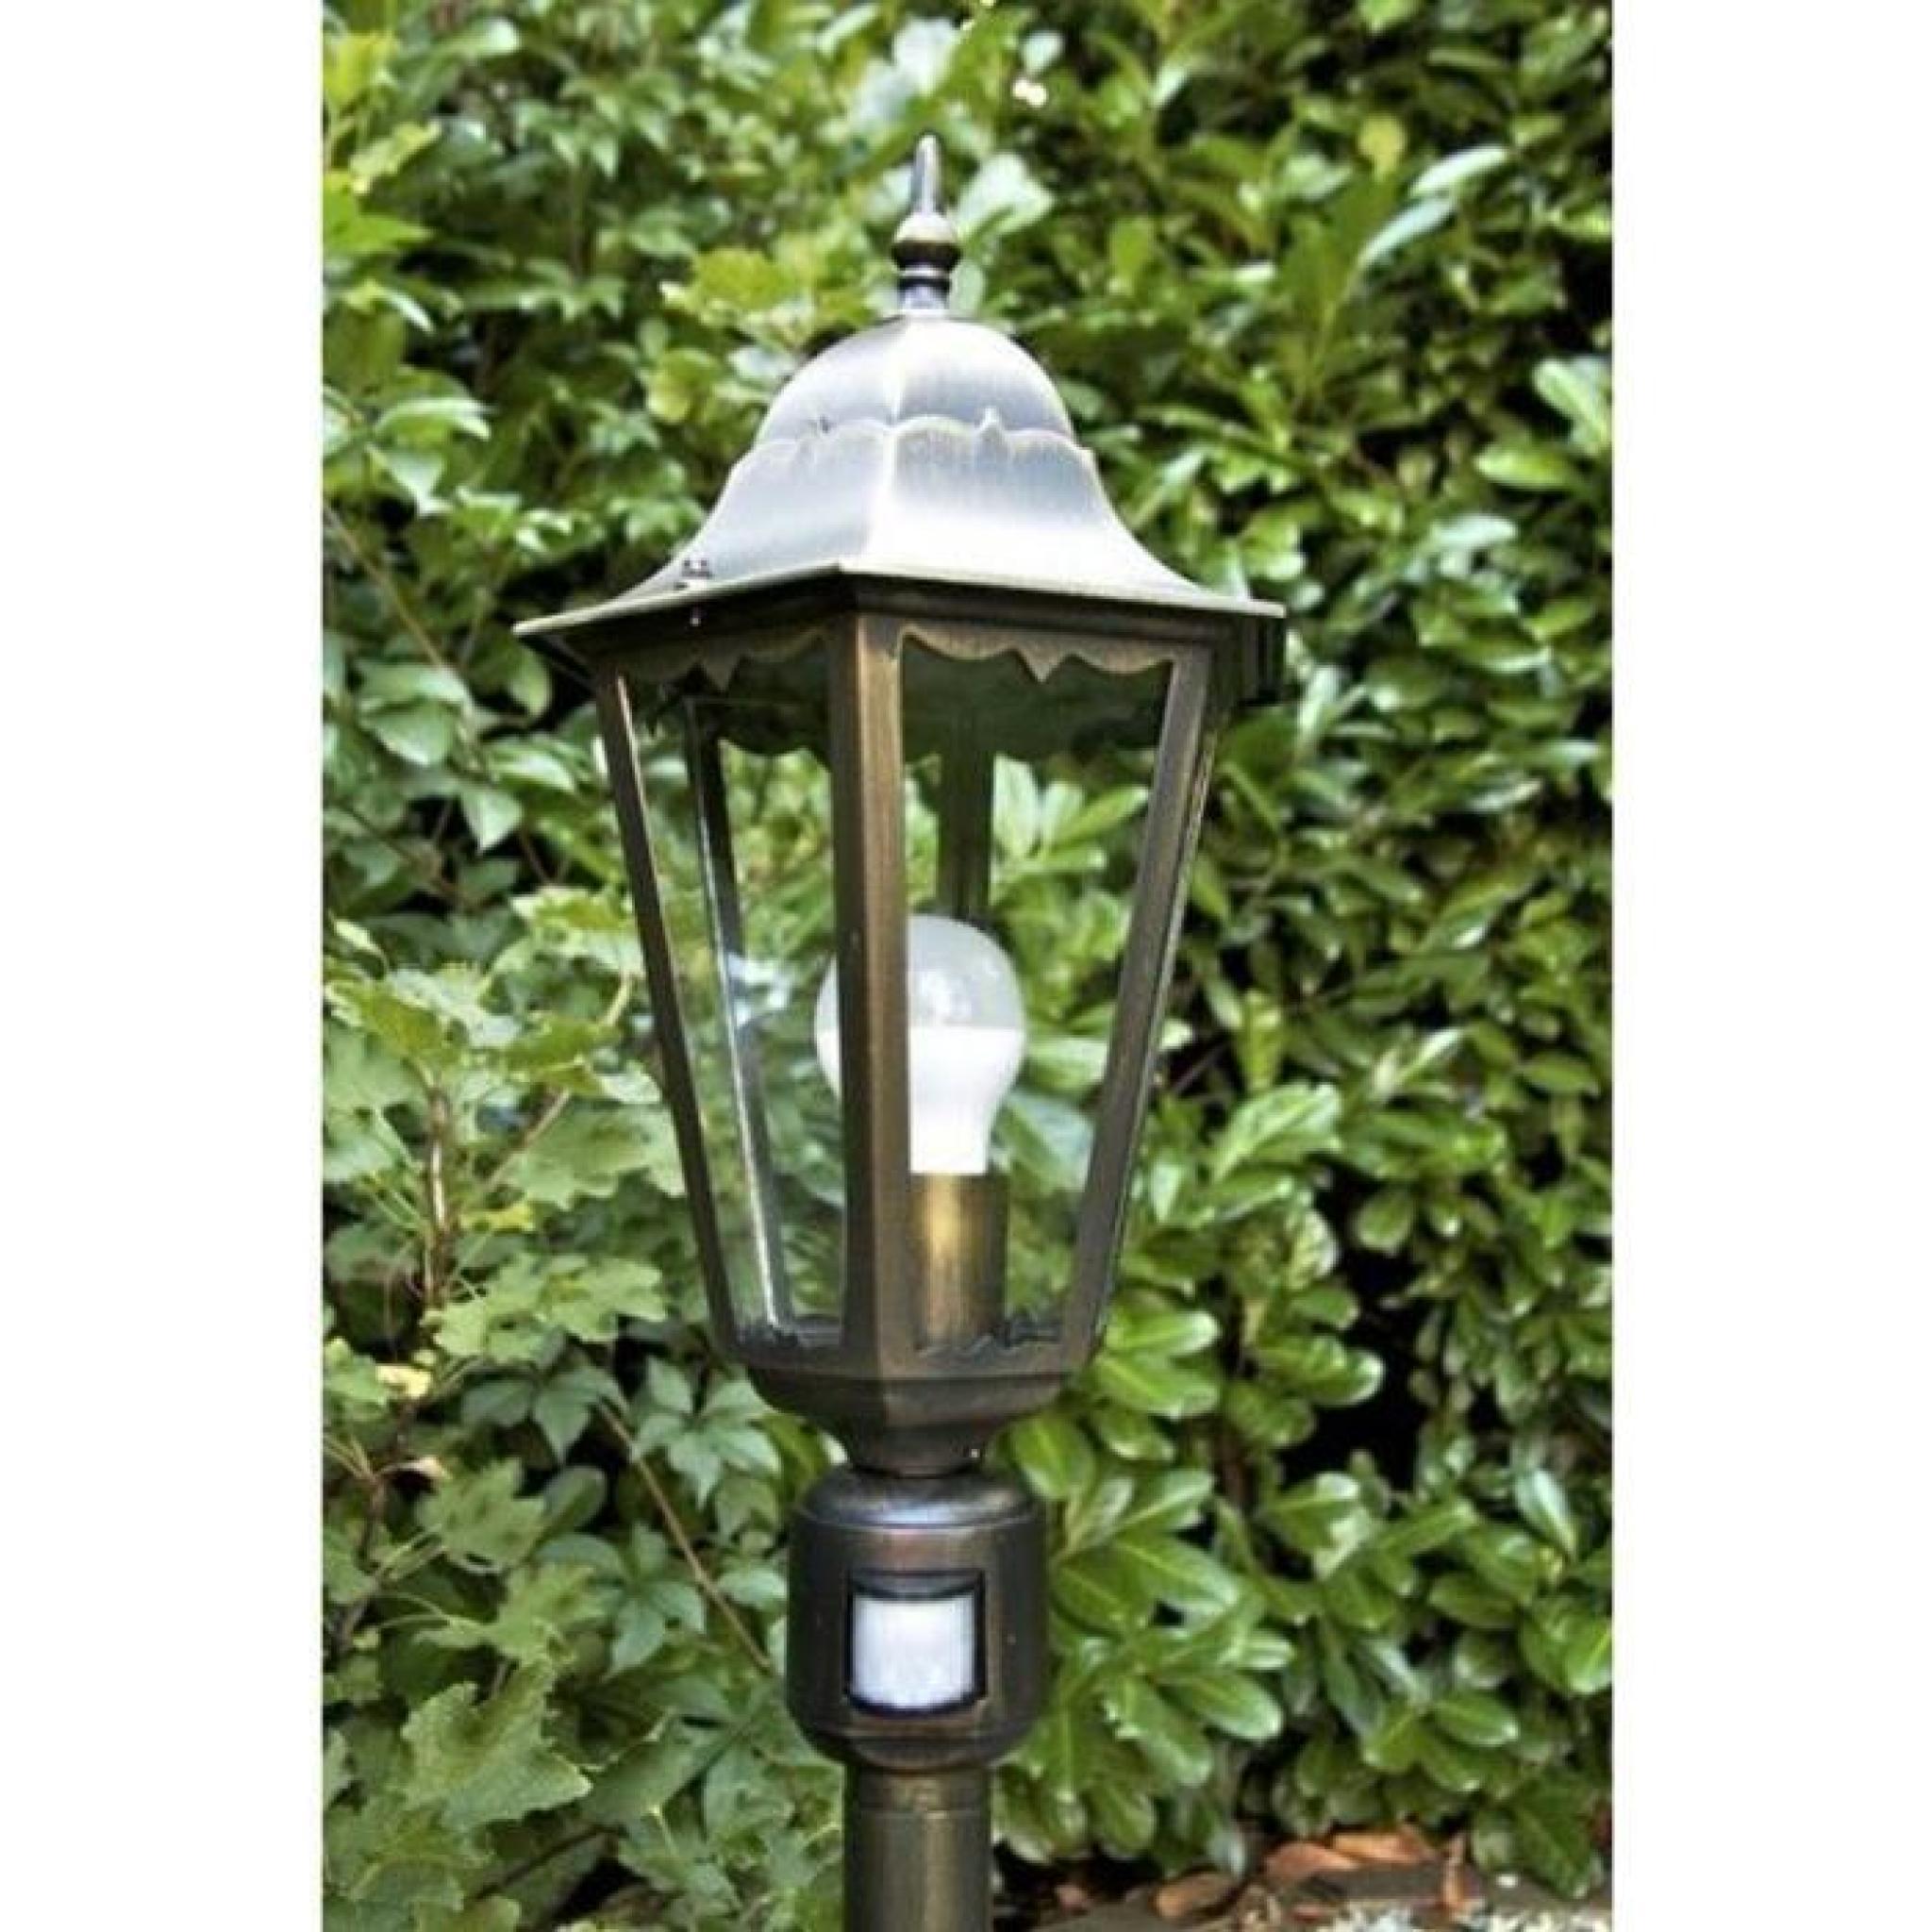 Lampadaire Extérieur Lampe Sur Pied Détecteur De Mouvement Lampe De Jardin tout Lampadaire De Jardin Pas Cher